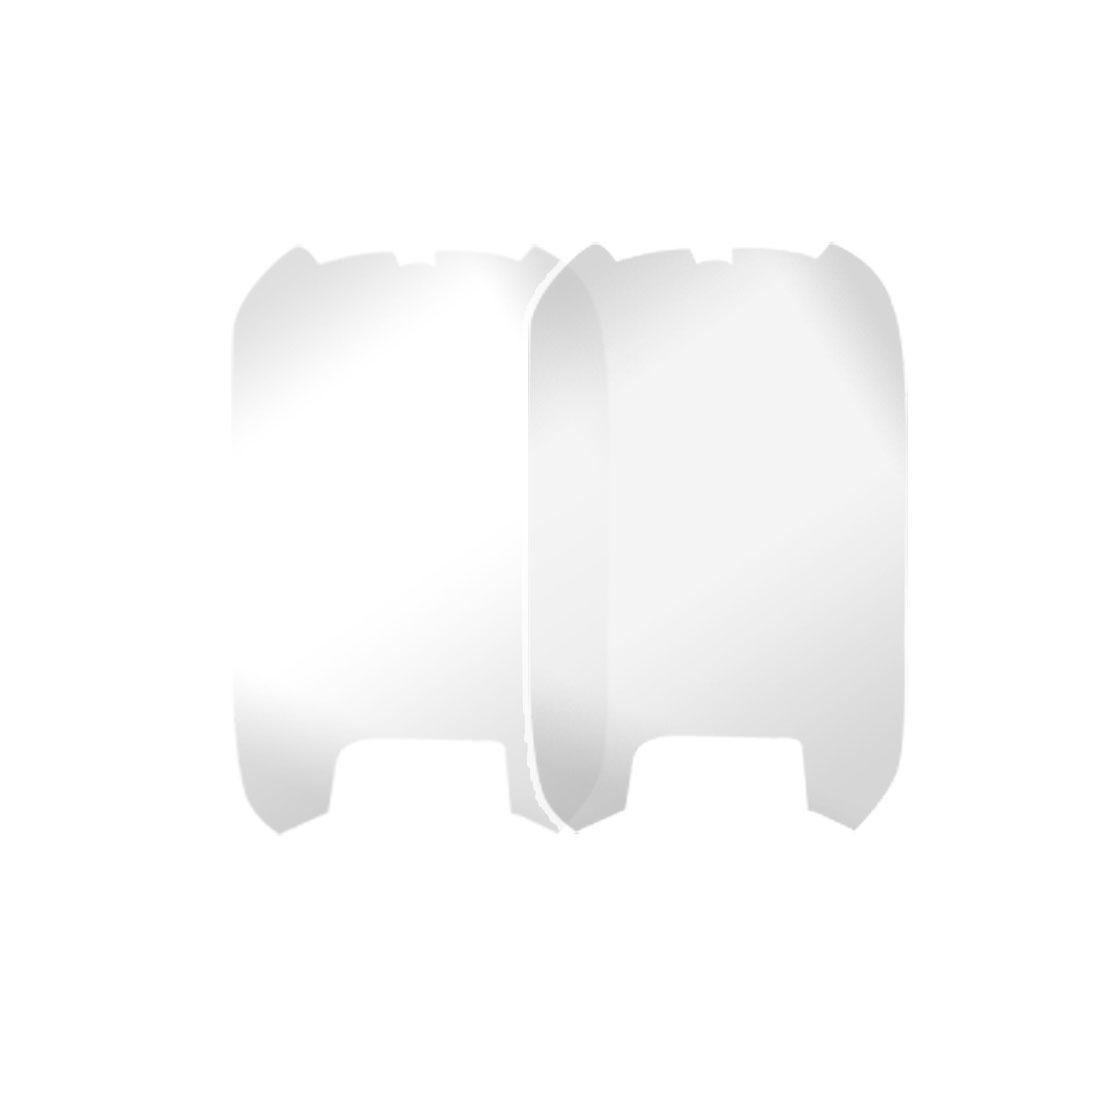 Clear Plastic Screen Guard Protector 2 Pcs for Motorola U9